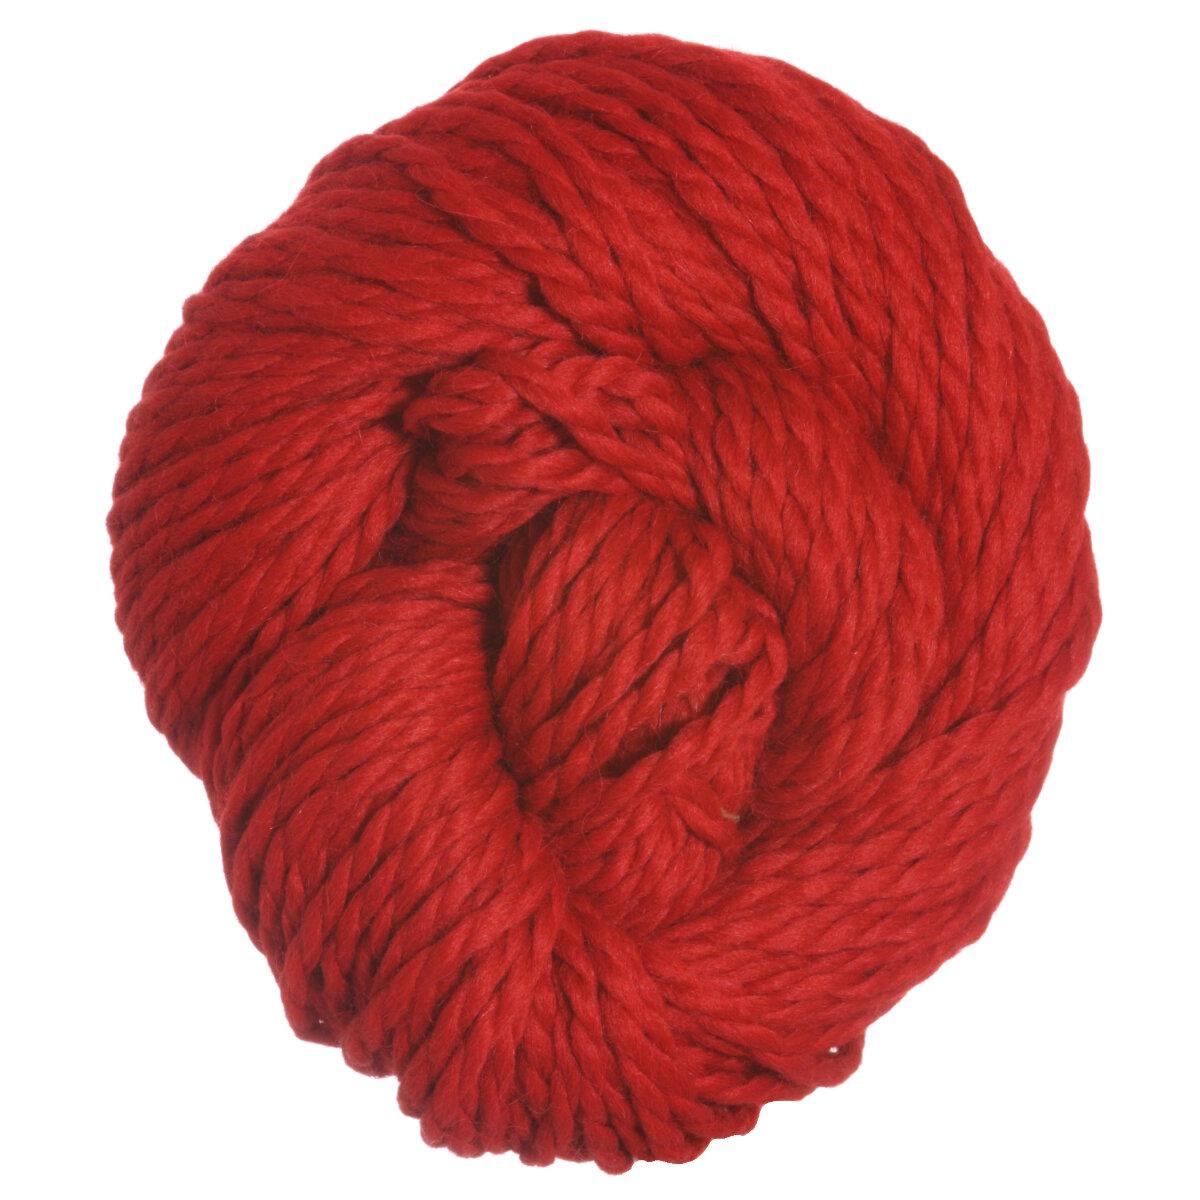 Plymouth Yarn Baby Alpaca Grande Yarn 2060 Red At Jimmy